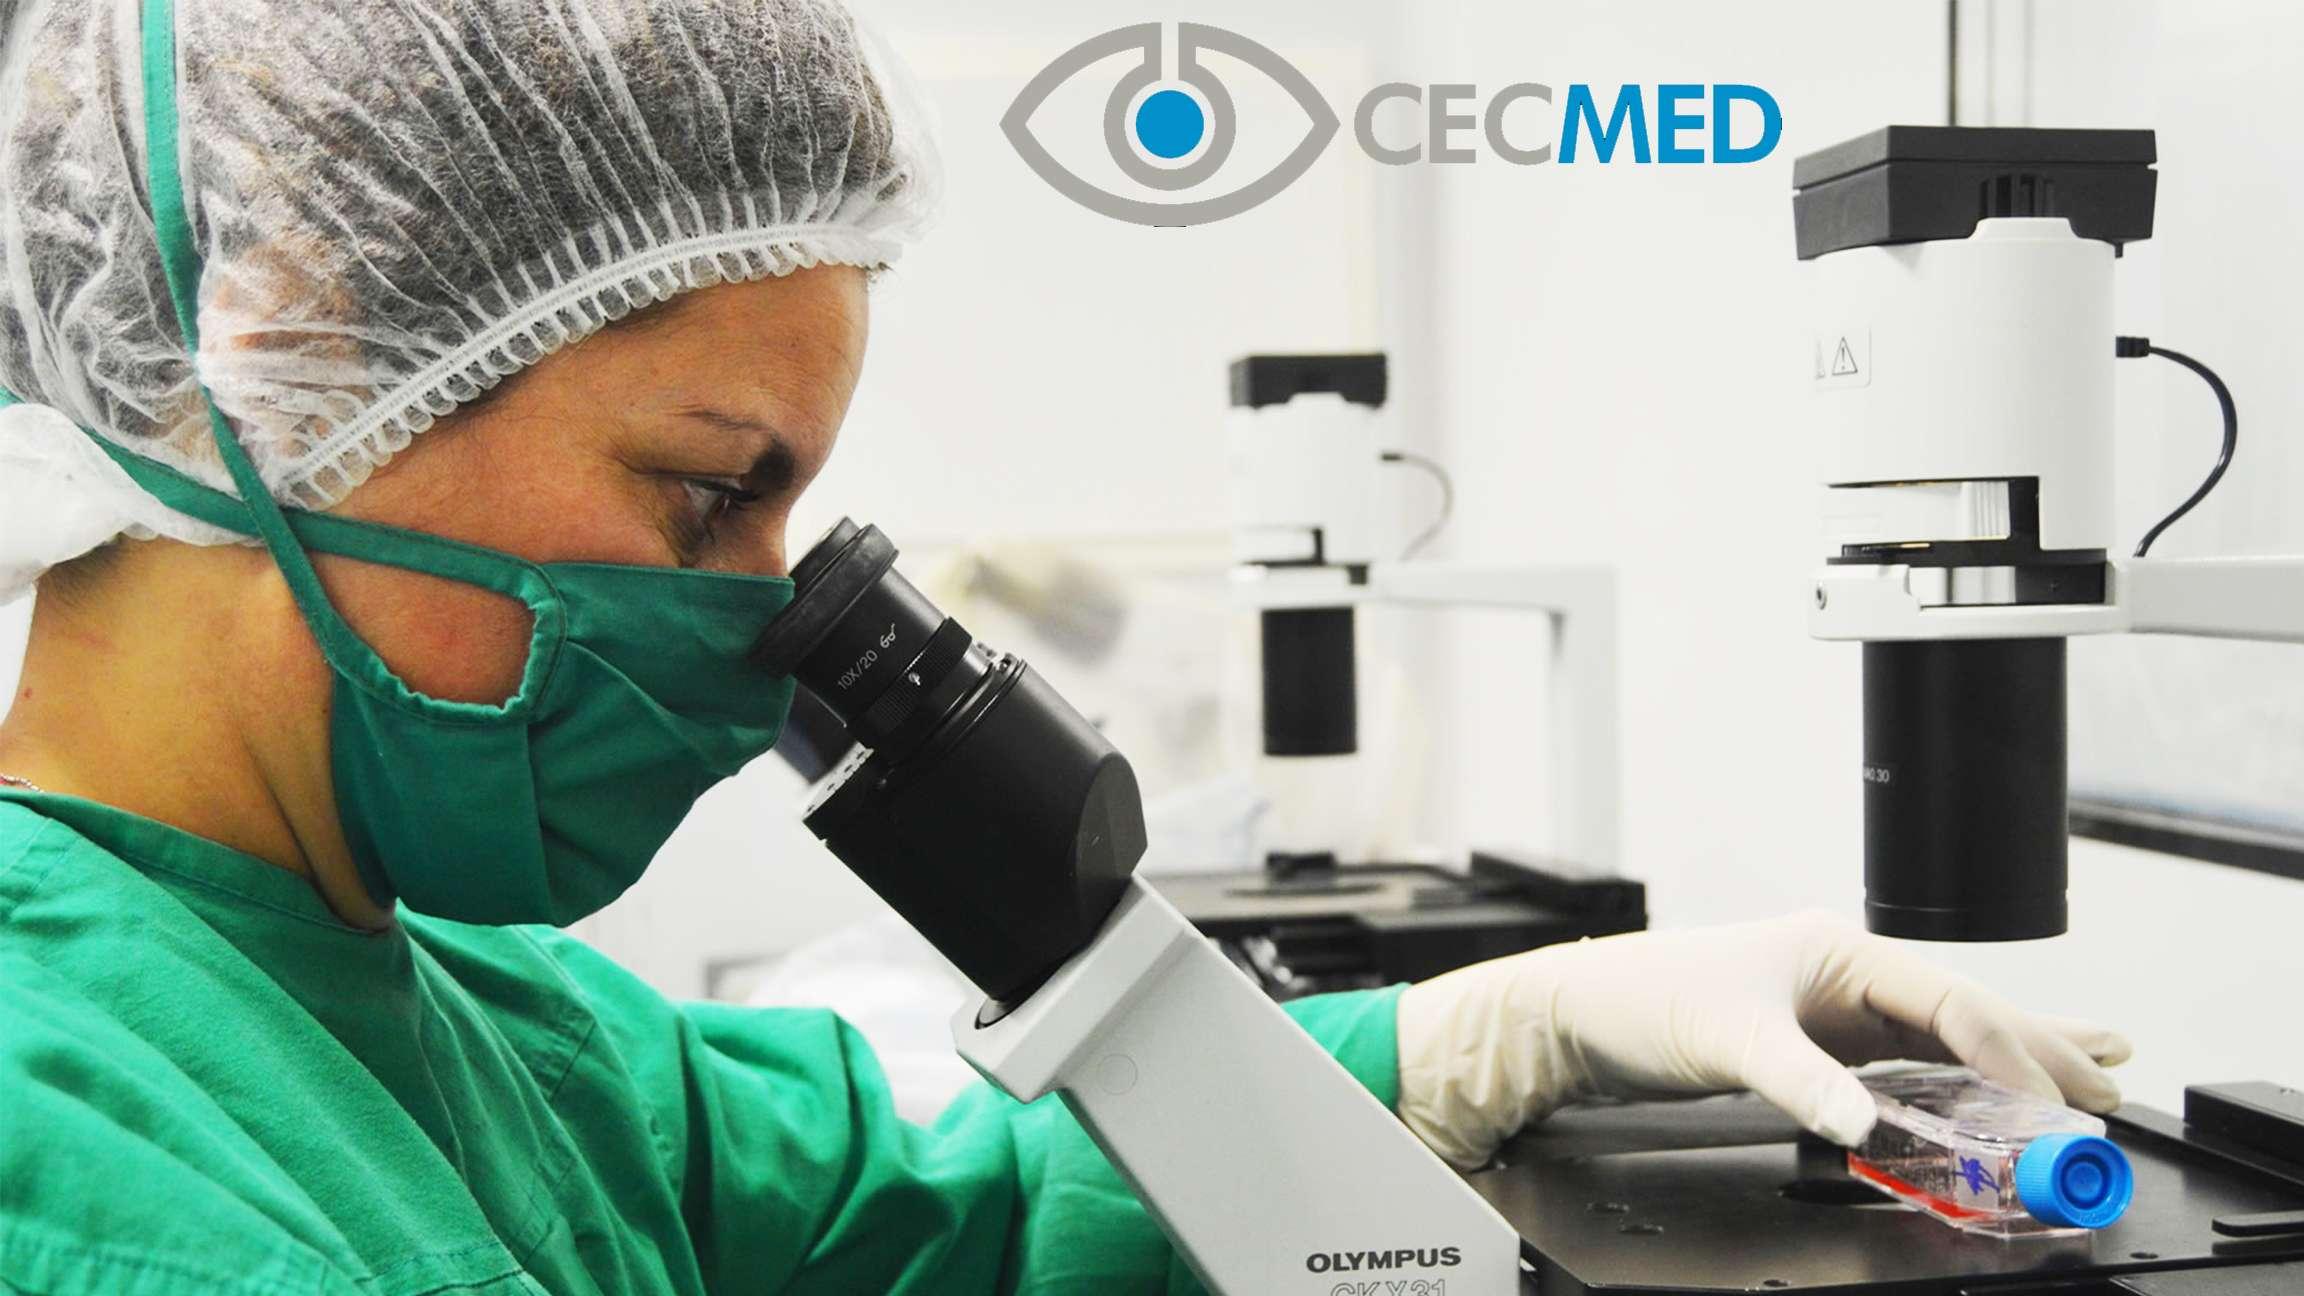 Κούβα μεταξύ των κρατών που ηγούνται παγκοσμίως του εμβολιασμού κατά του COVID 19